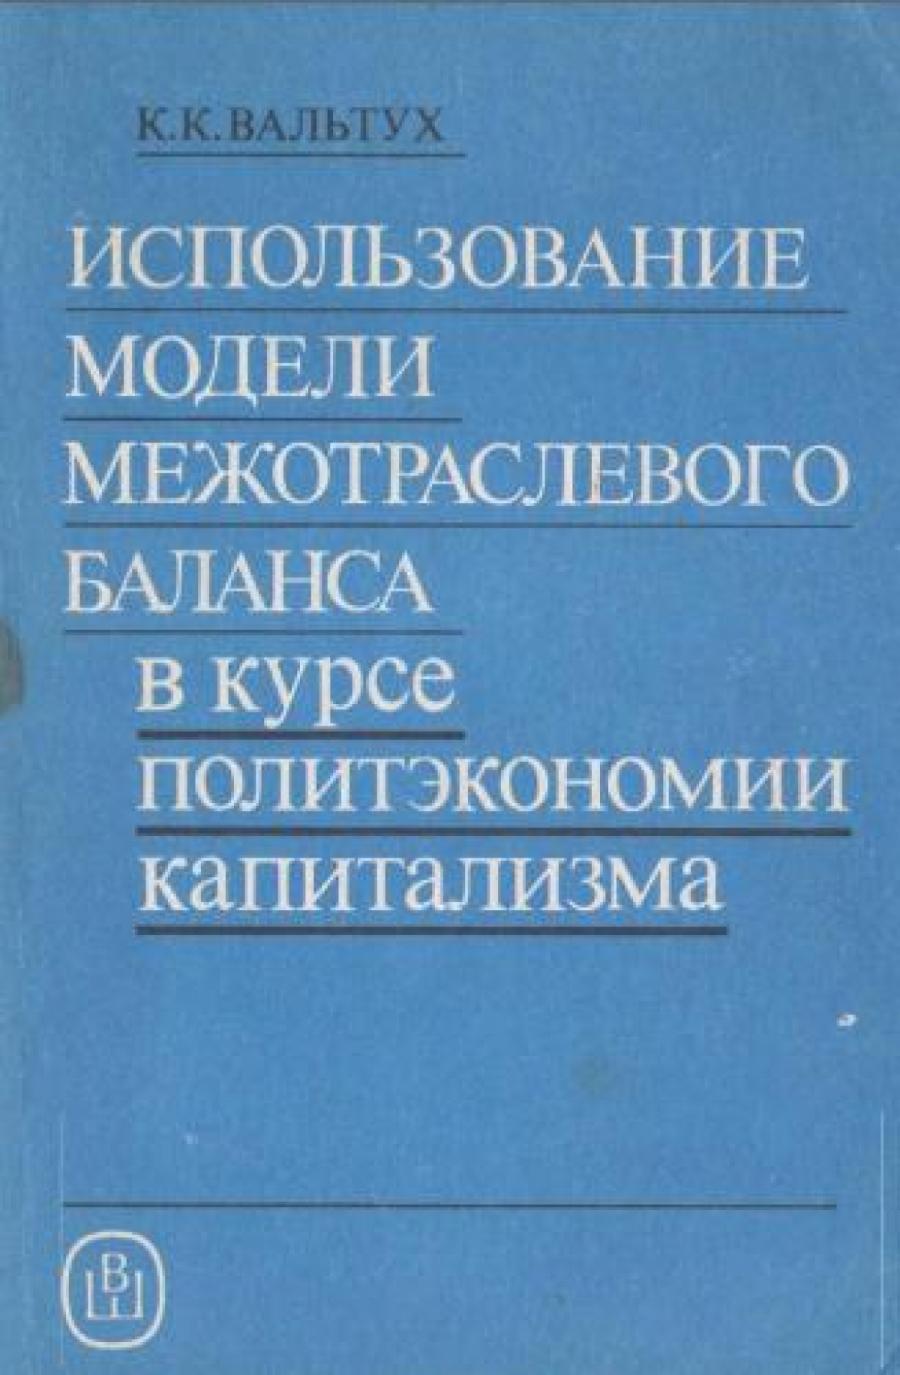 Обложка книги:  вальтух к.к. - использование модели межотраслевого баланса в курсе политэкономии капитализма